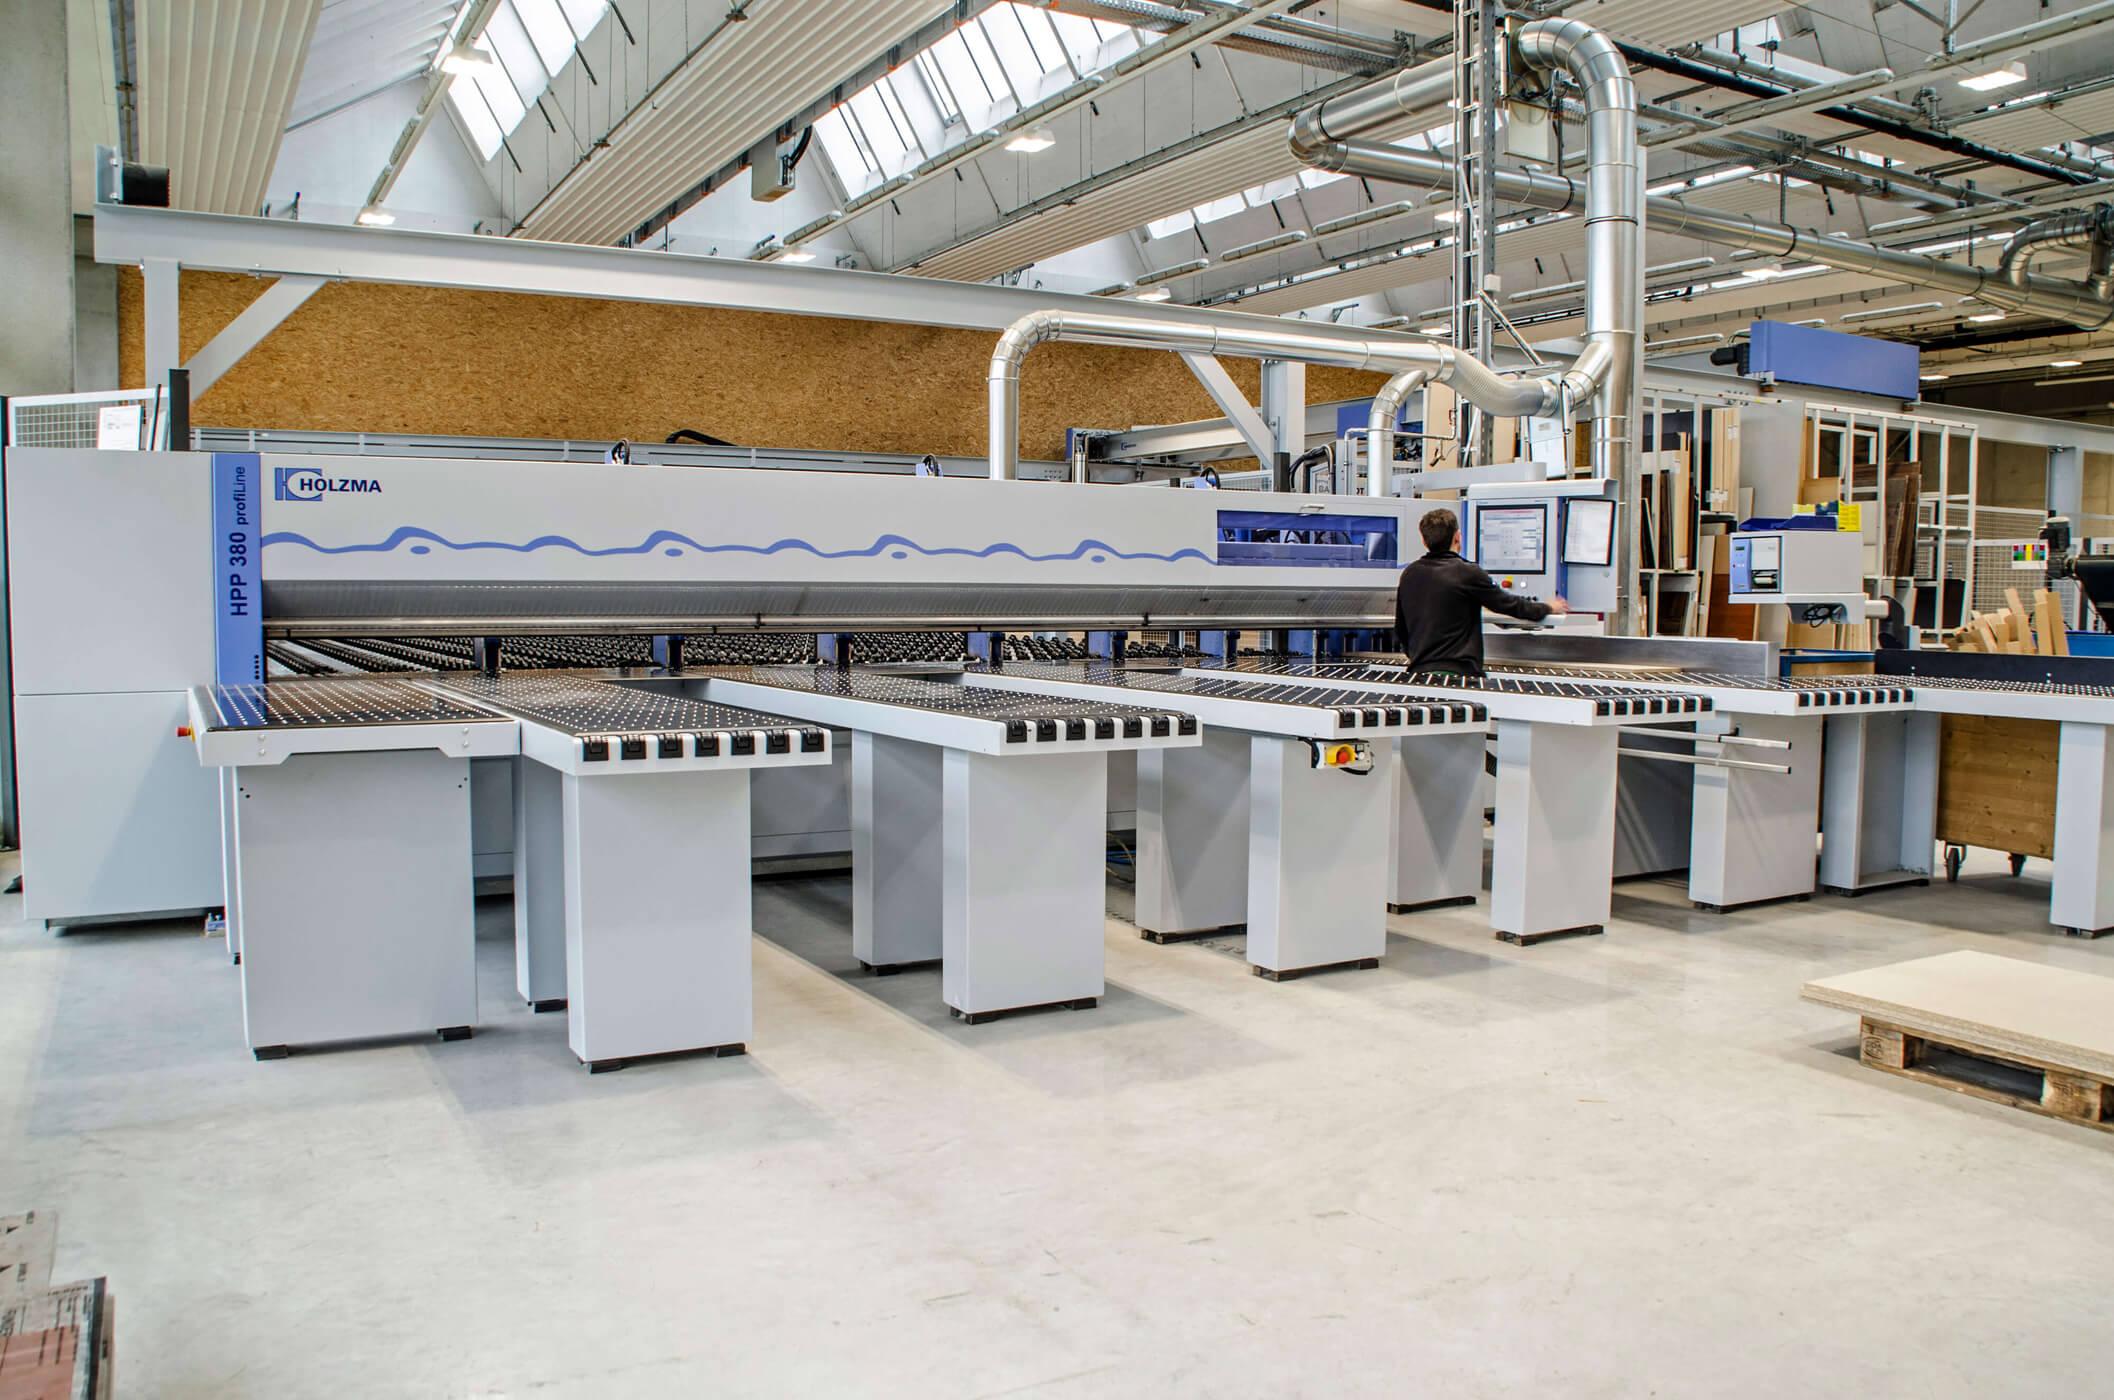 große Maschnen für die Produktion der Möbel von pure position